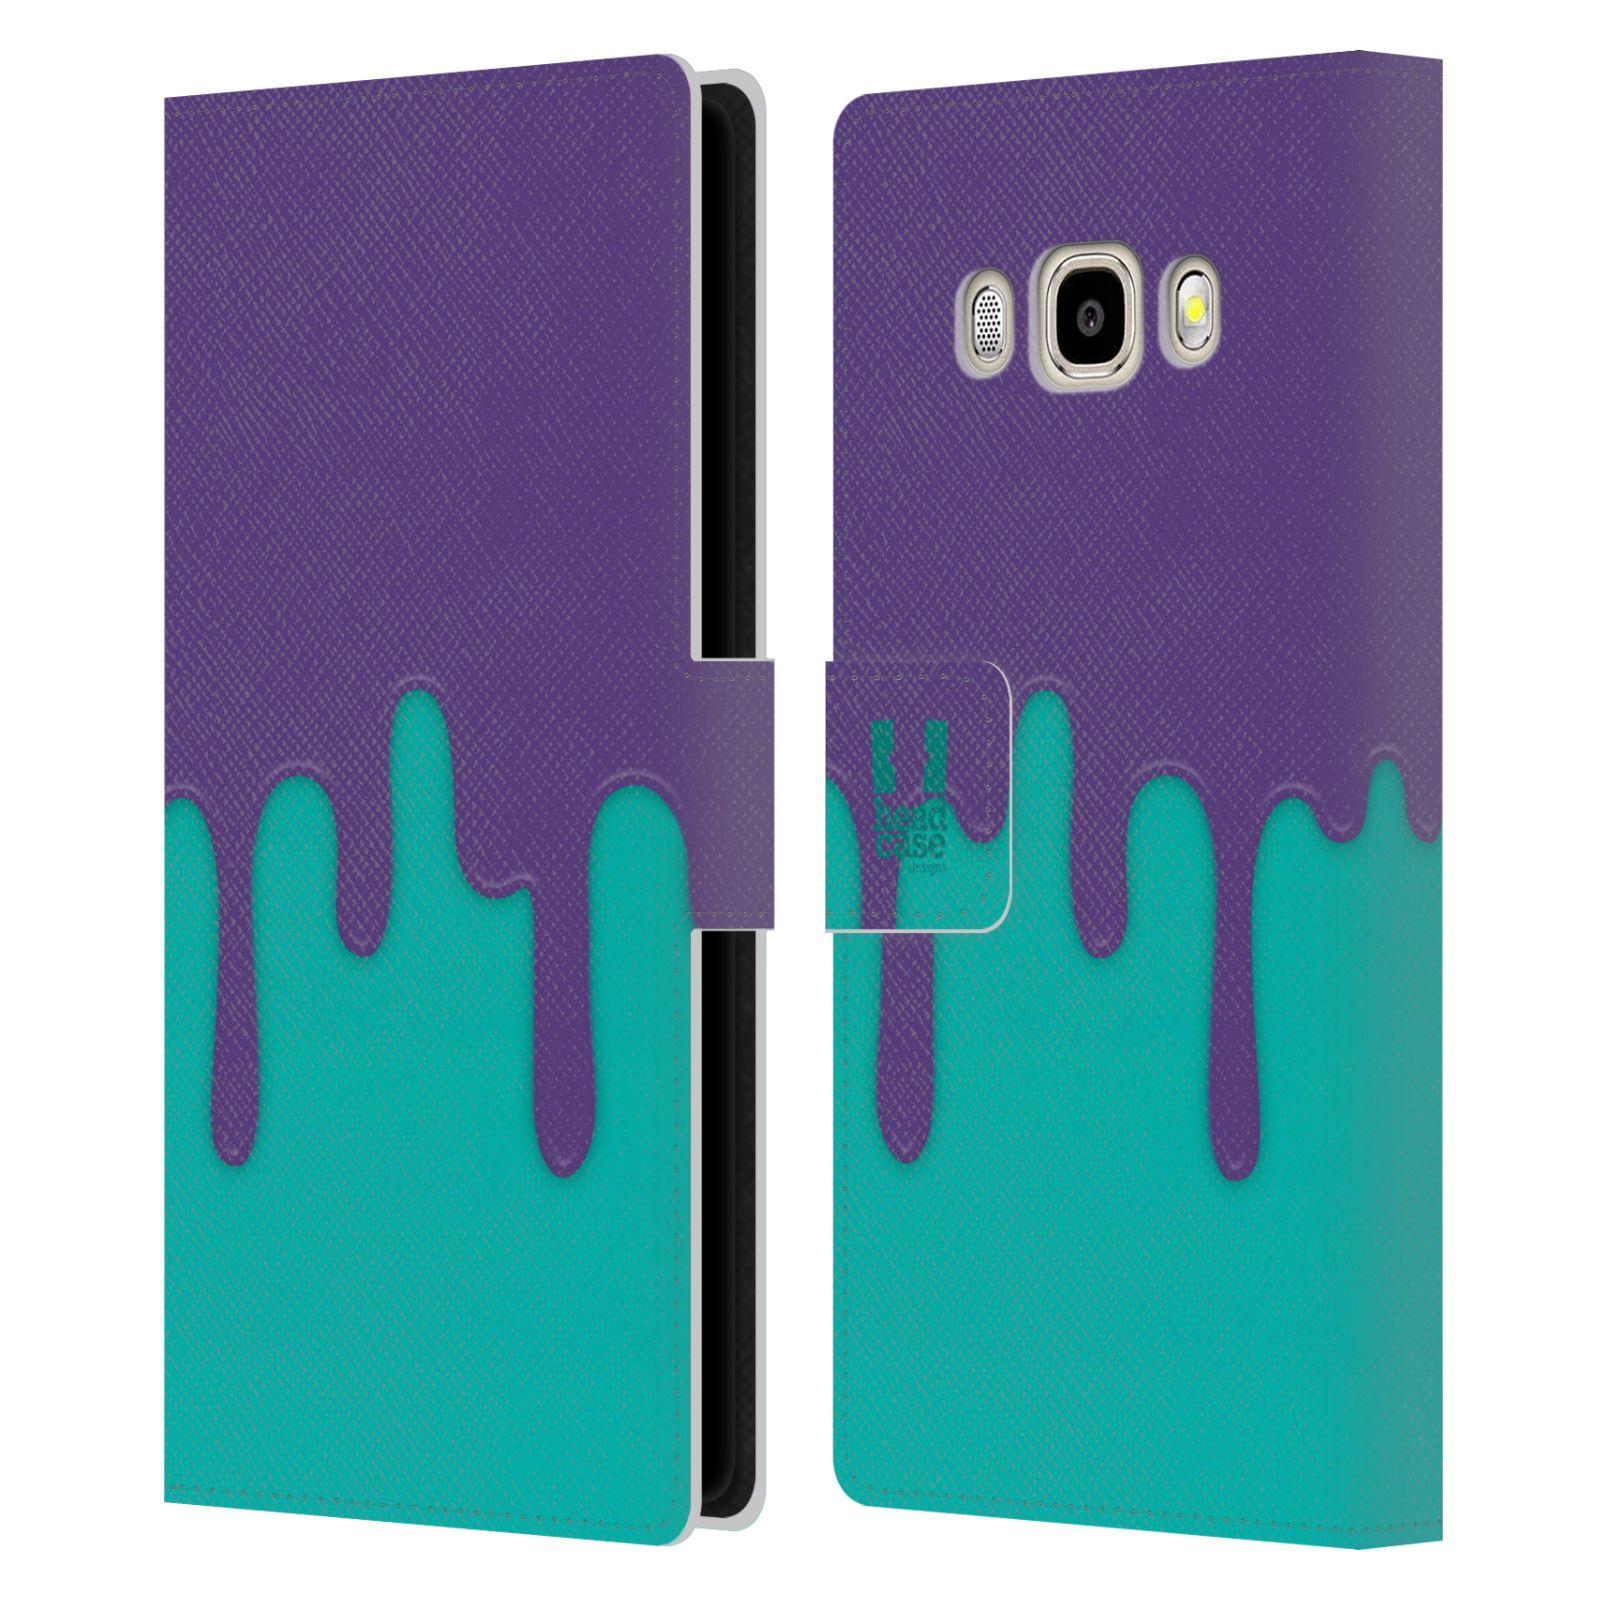 HEAD CASE Flipové pouzdro pro mobil Samsung Galaxy J5 2016 Rozlitá barva fialová a tyrkysová